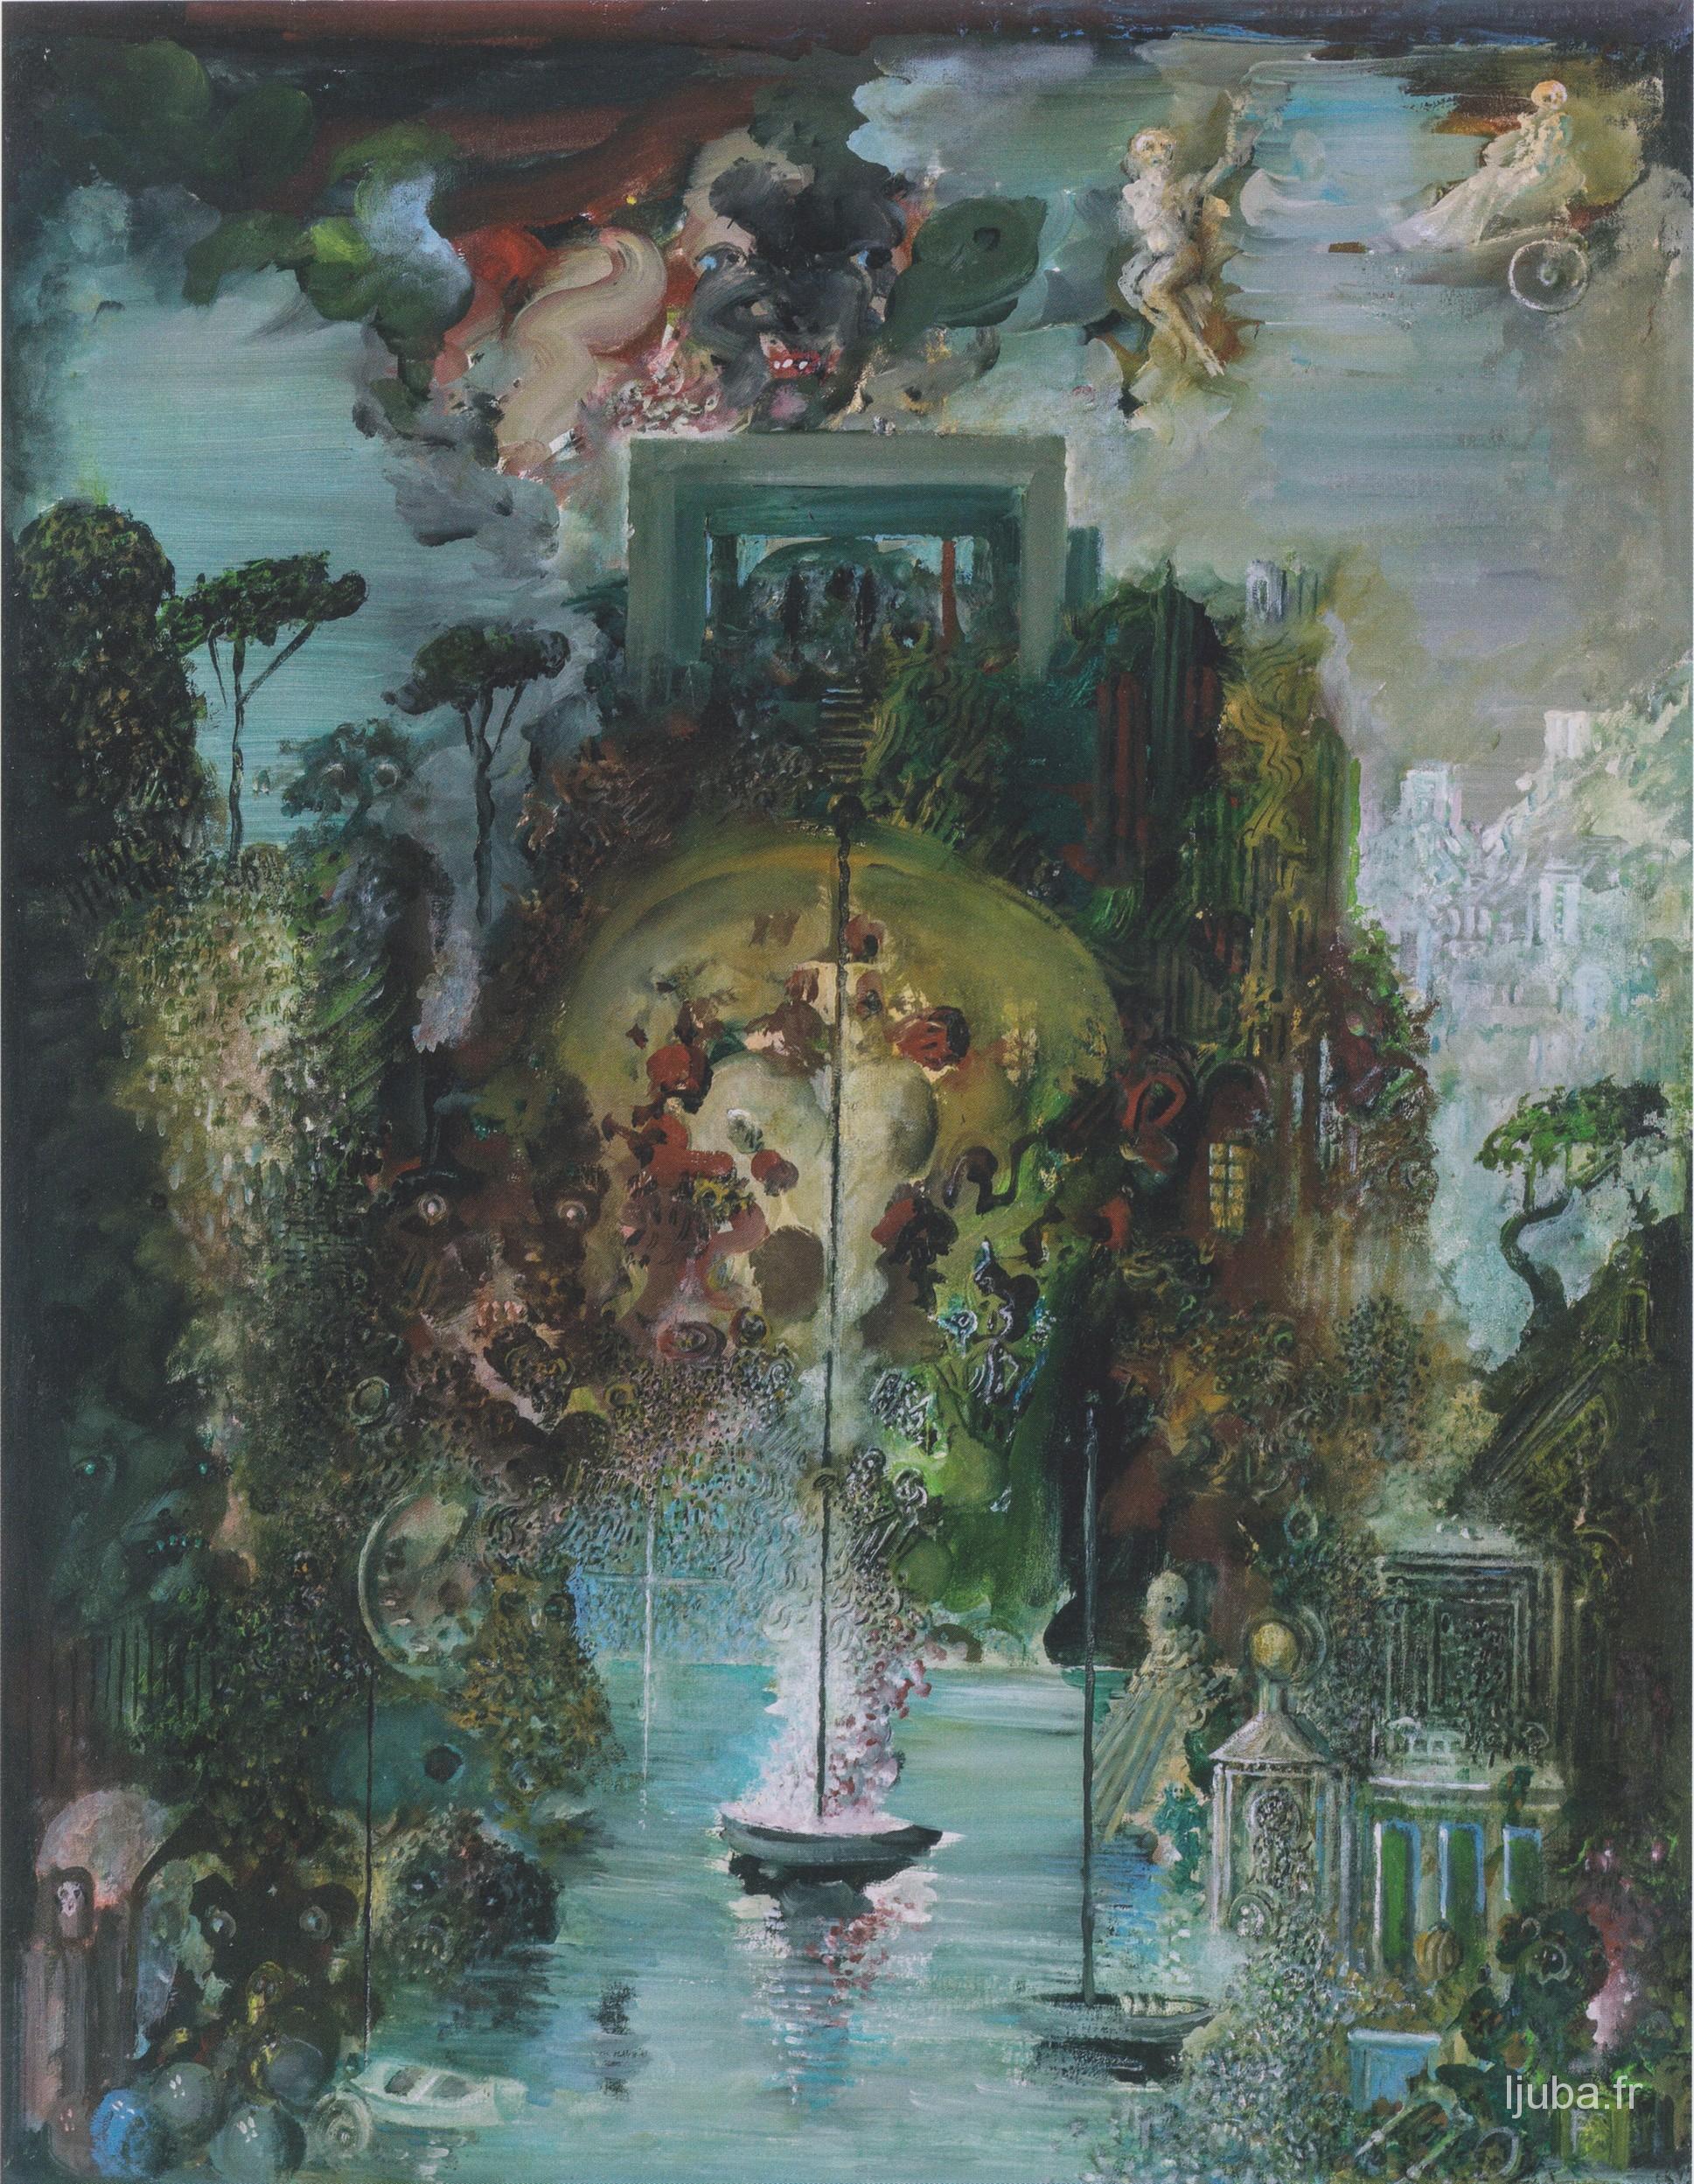 Ljuba Popovic - 2006, Zaliv žrtvovanja